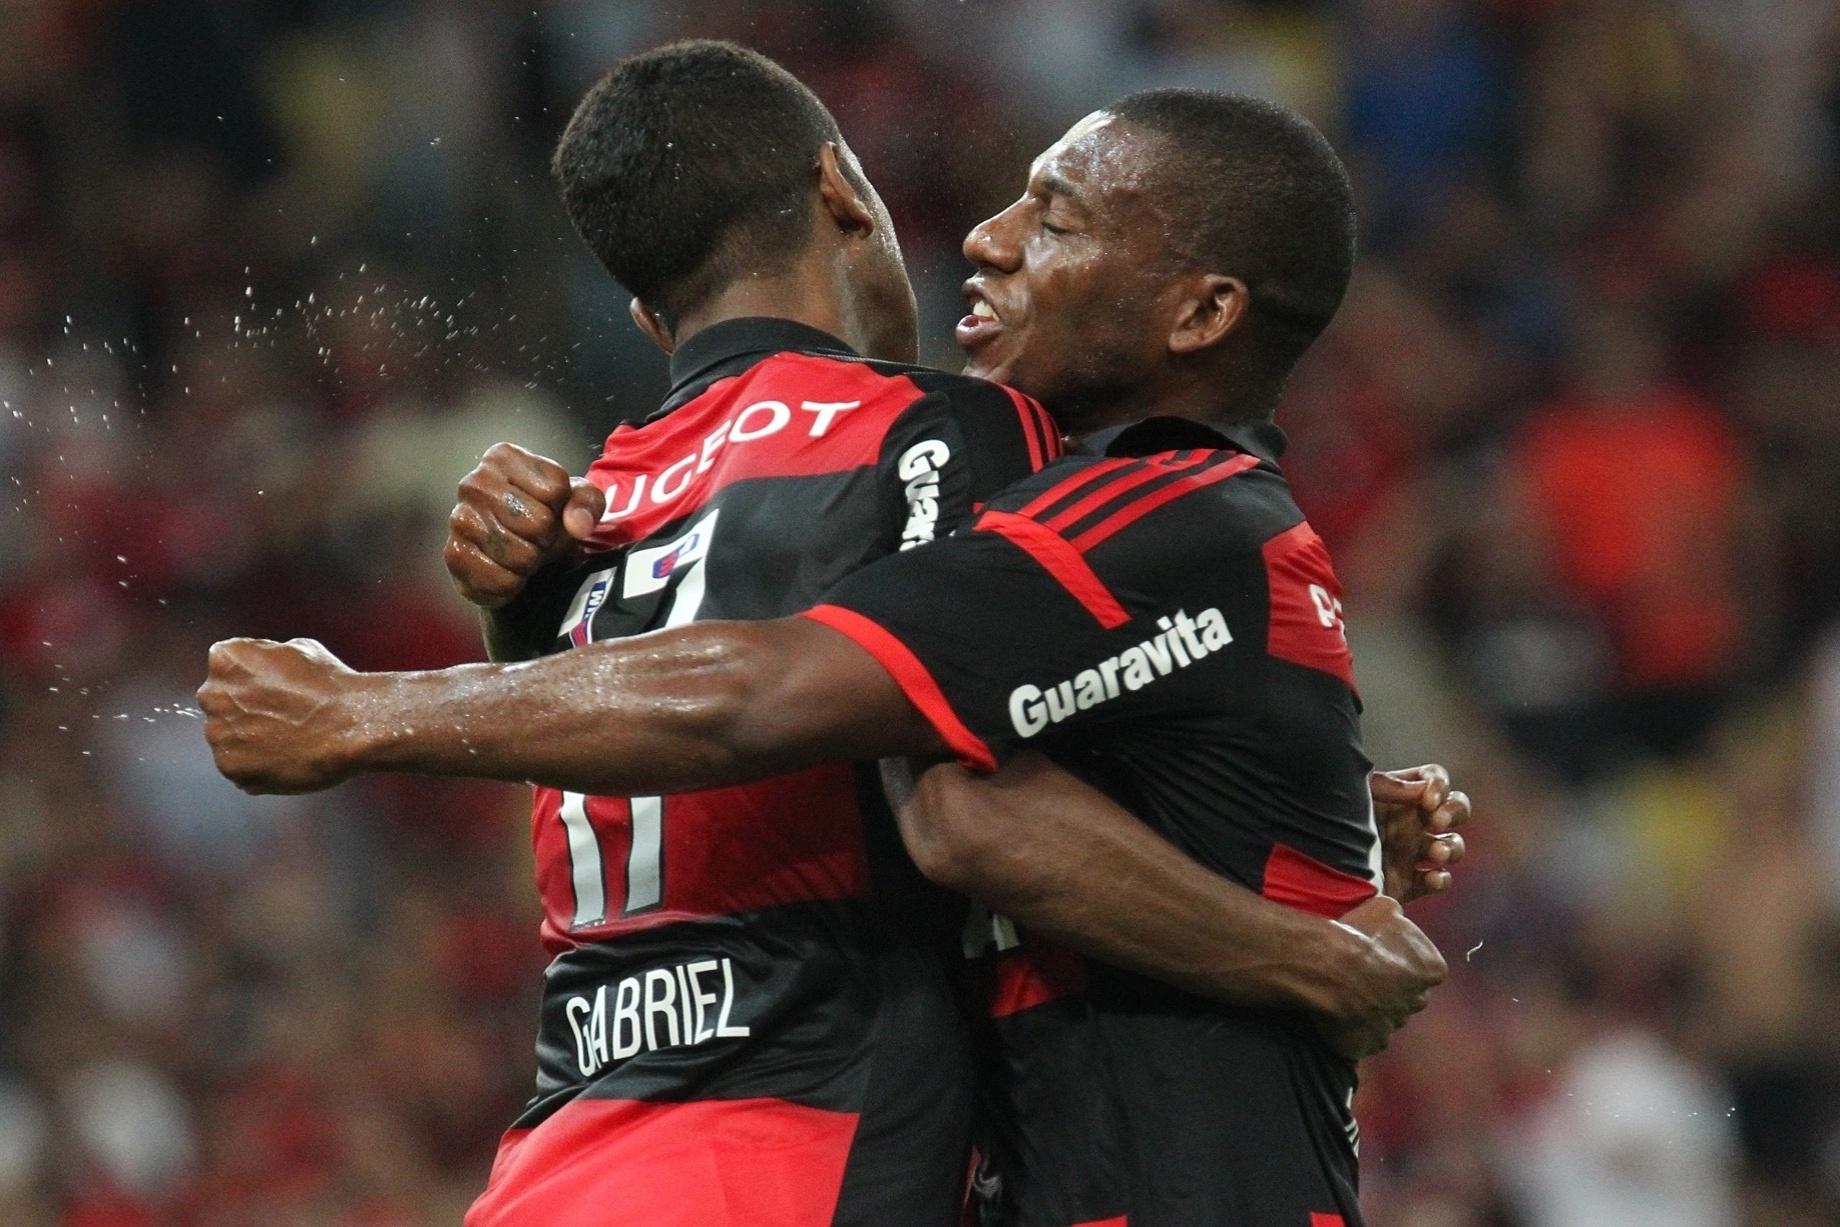 Gabriel comemora pênalti sofrido para o Flamengo em jogo contra o Atlético-MG